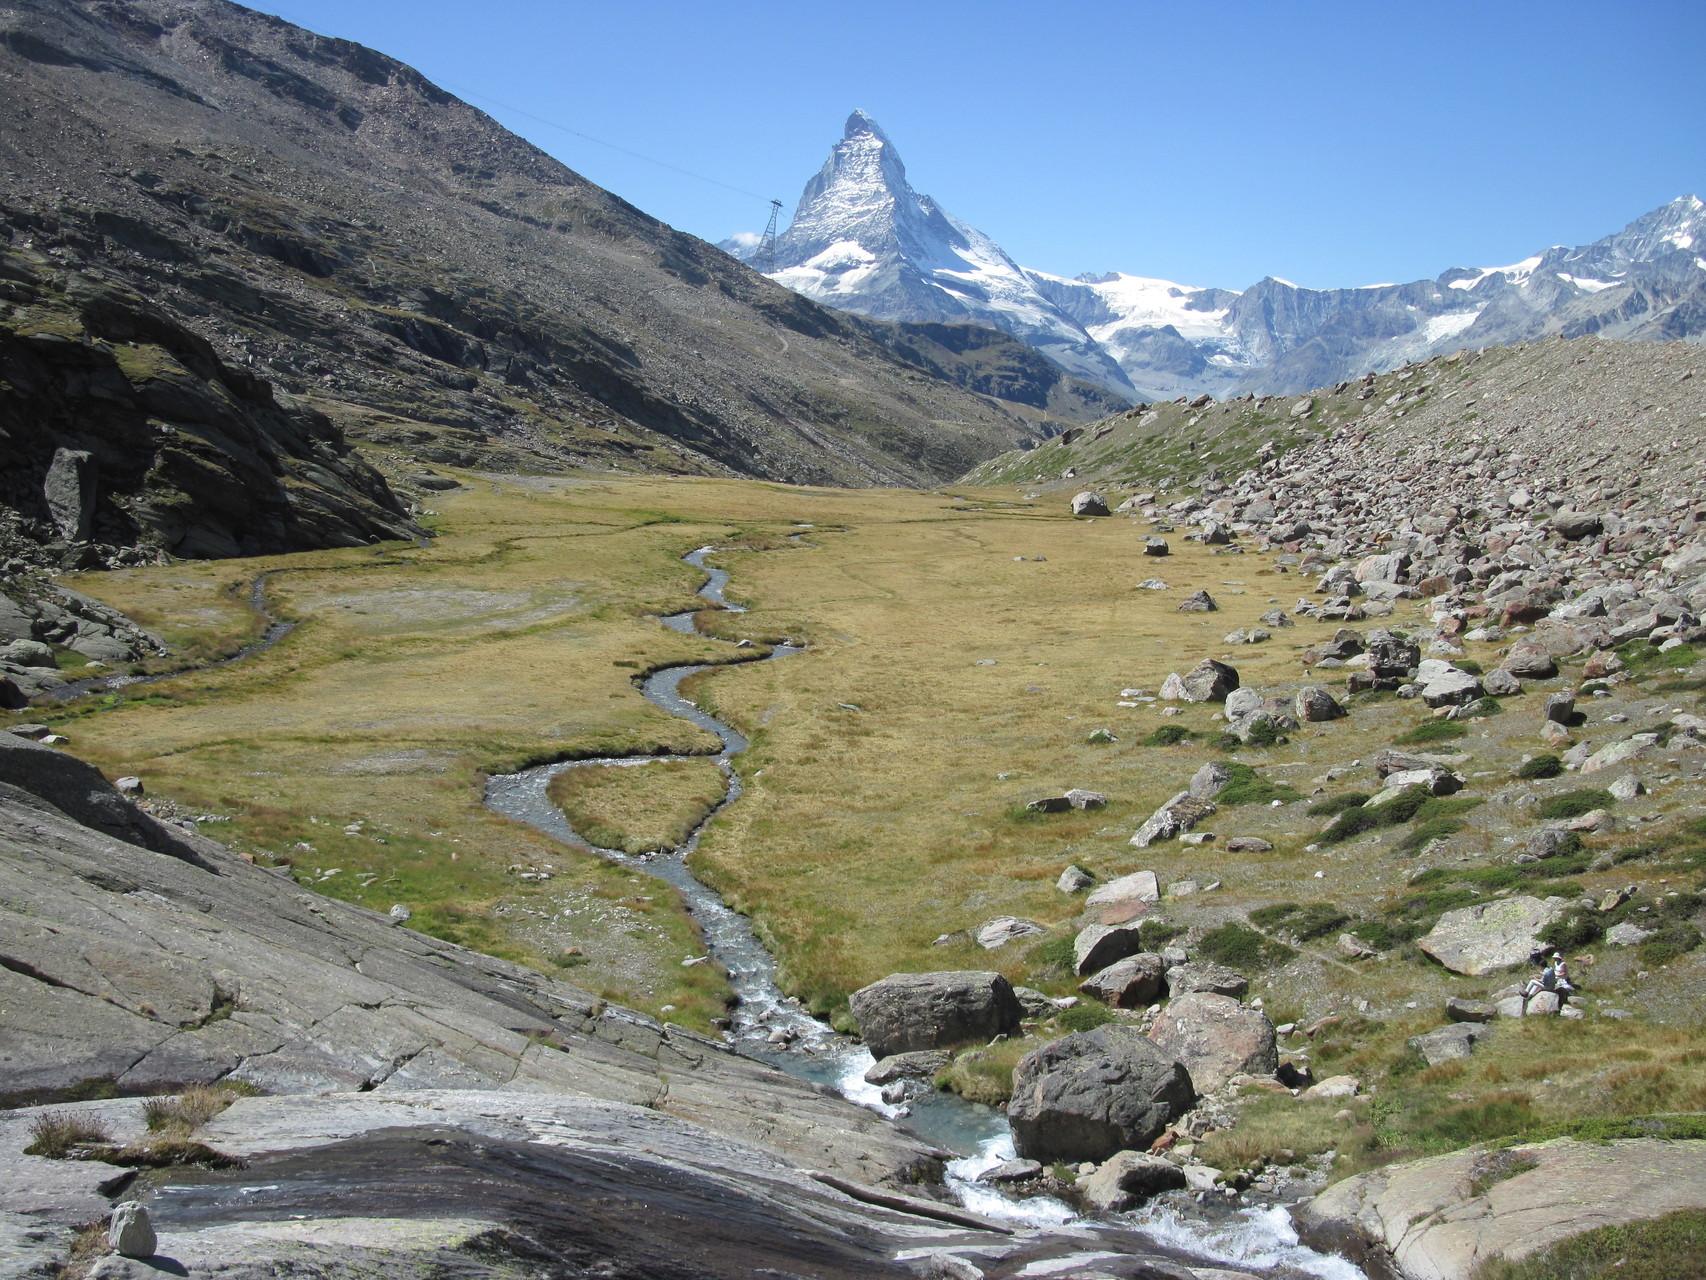 Blick vom verlorenen Tal zum Matterhorn